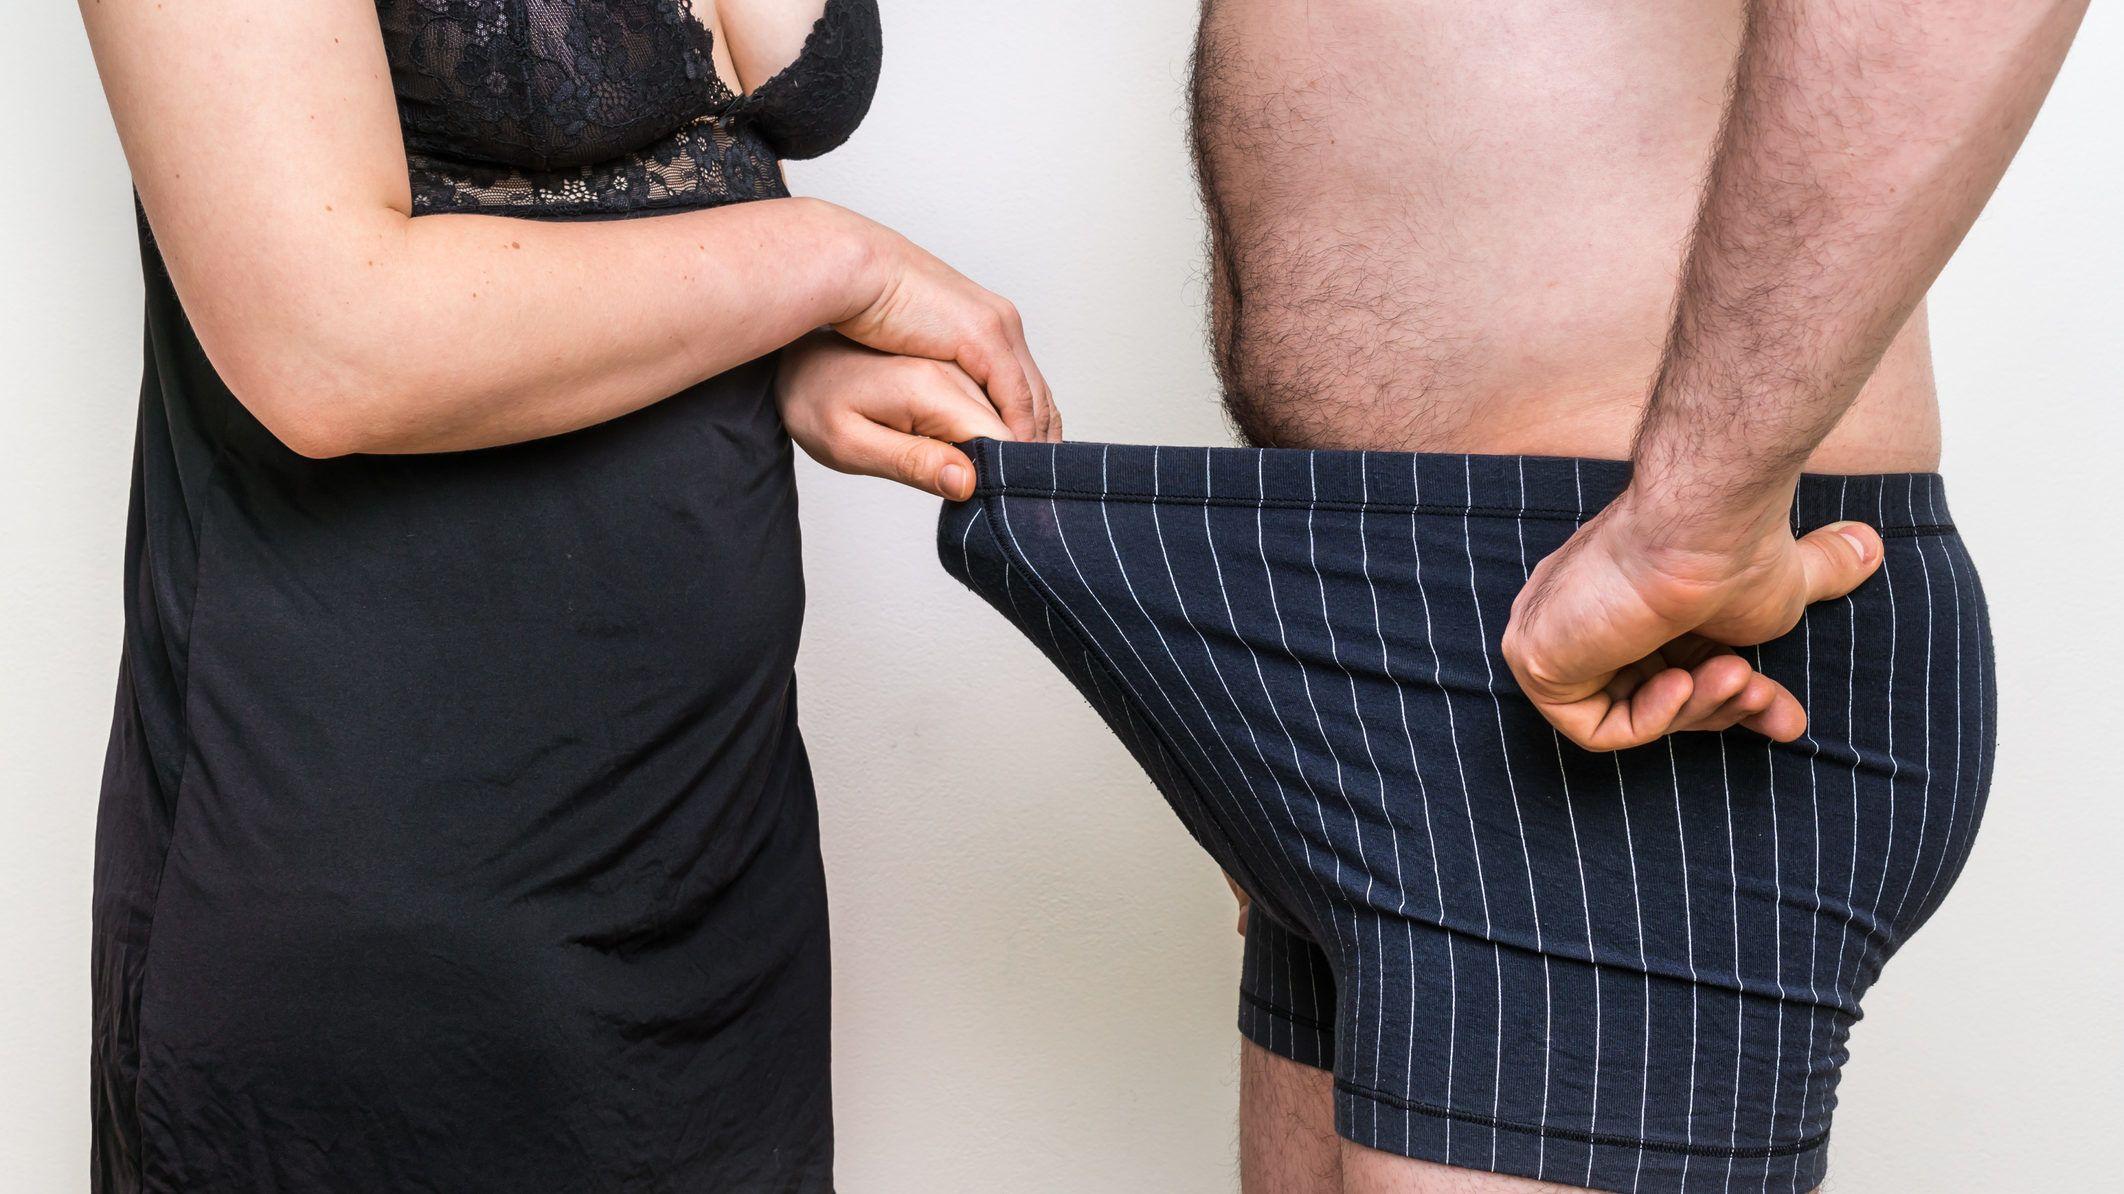 hogyan kell helyesen felvenni a péniszgyűrűt reggeli merevedés oka